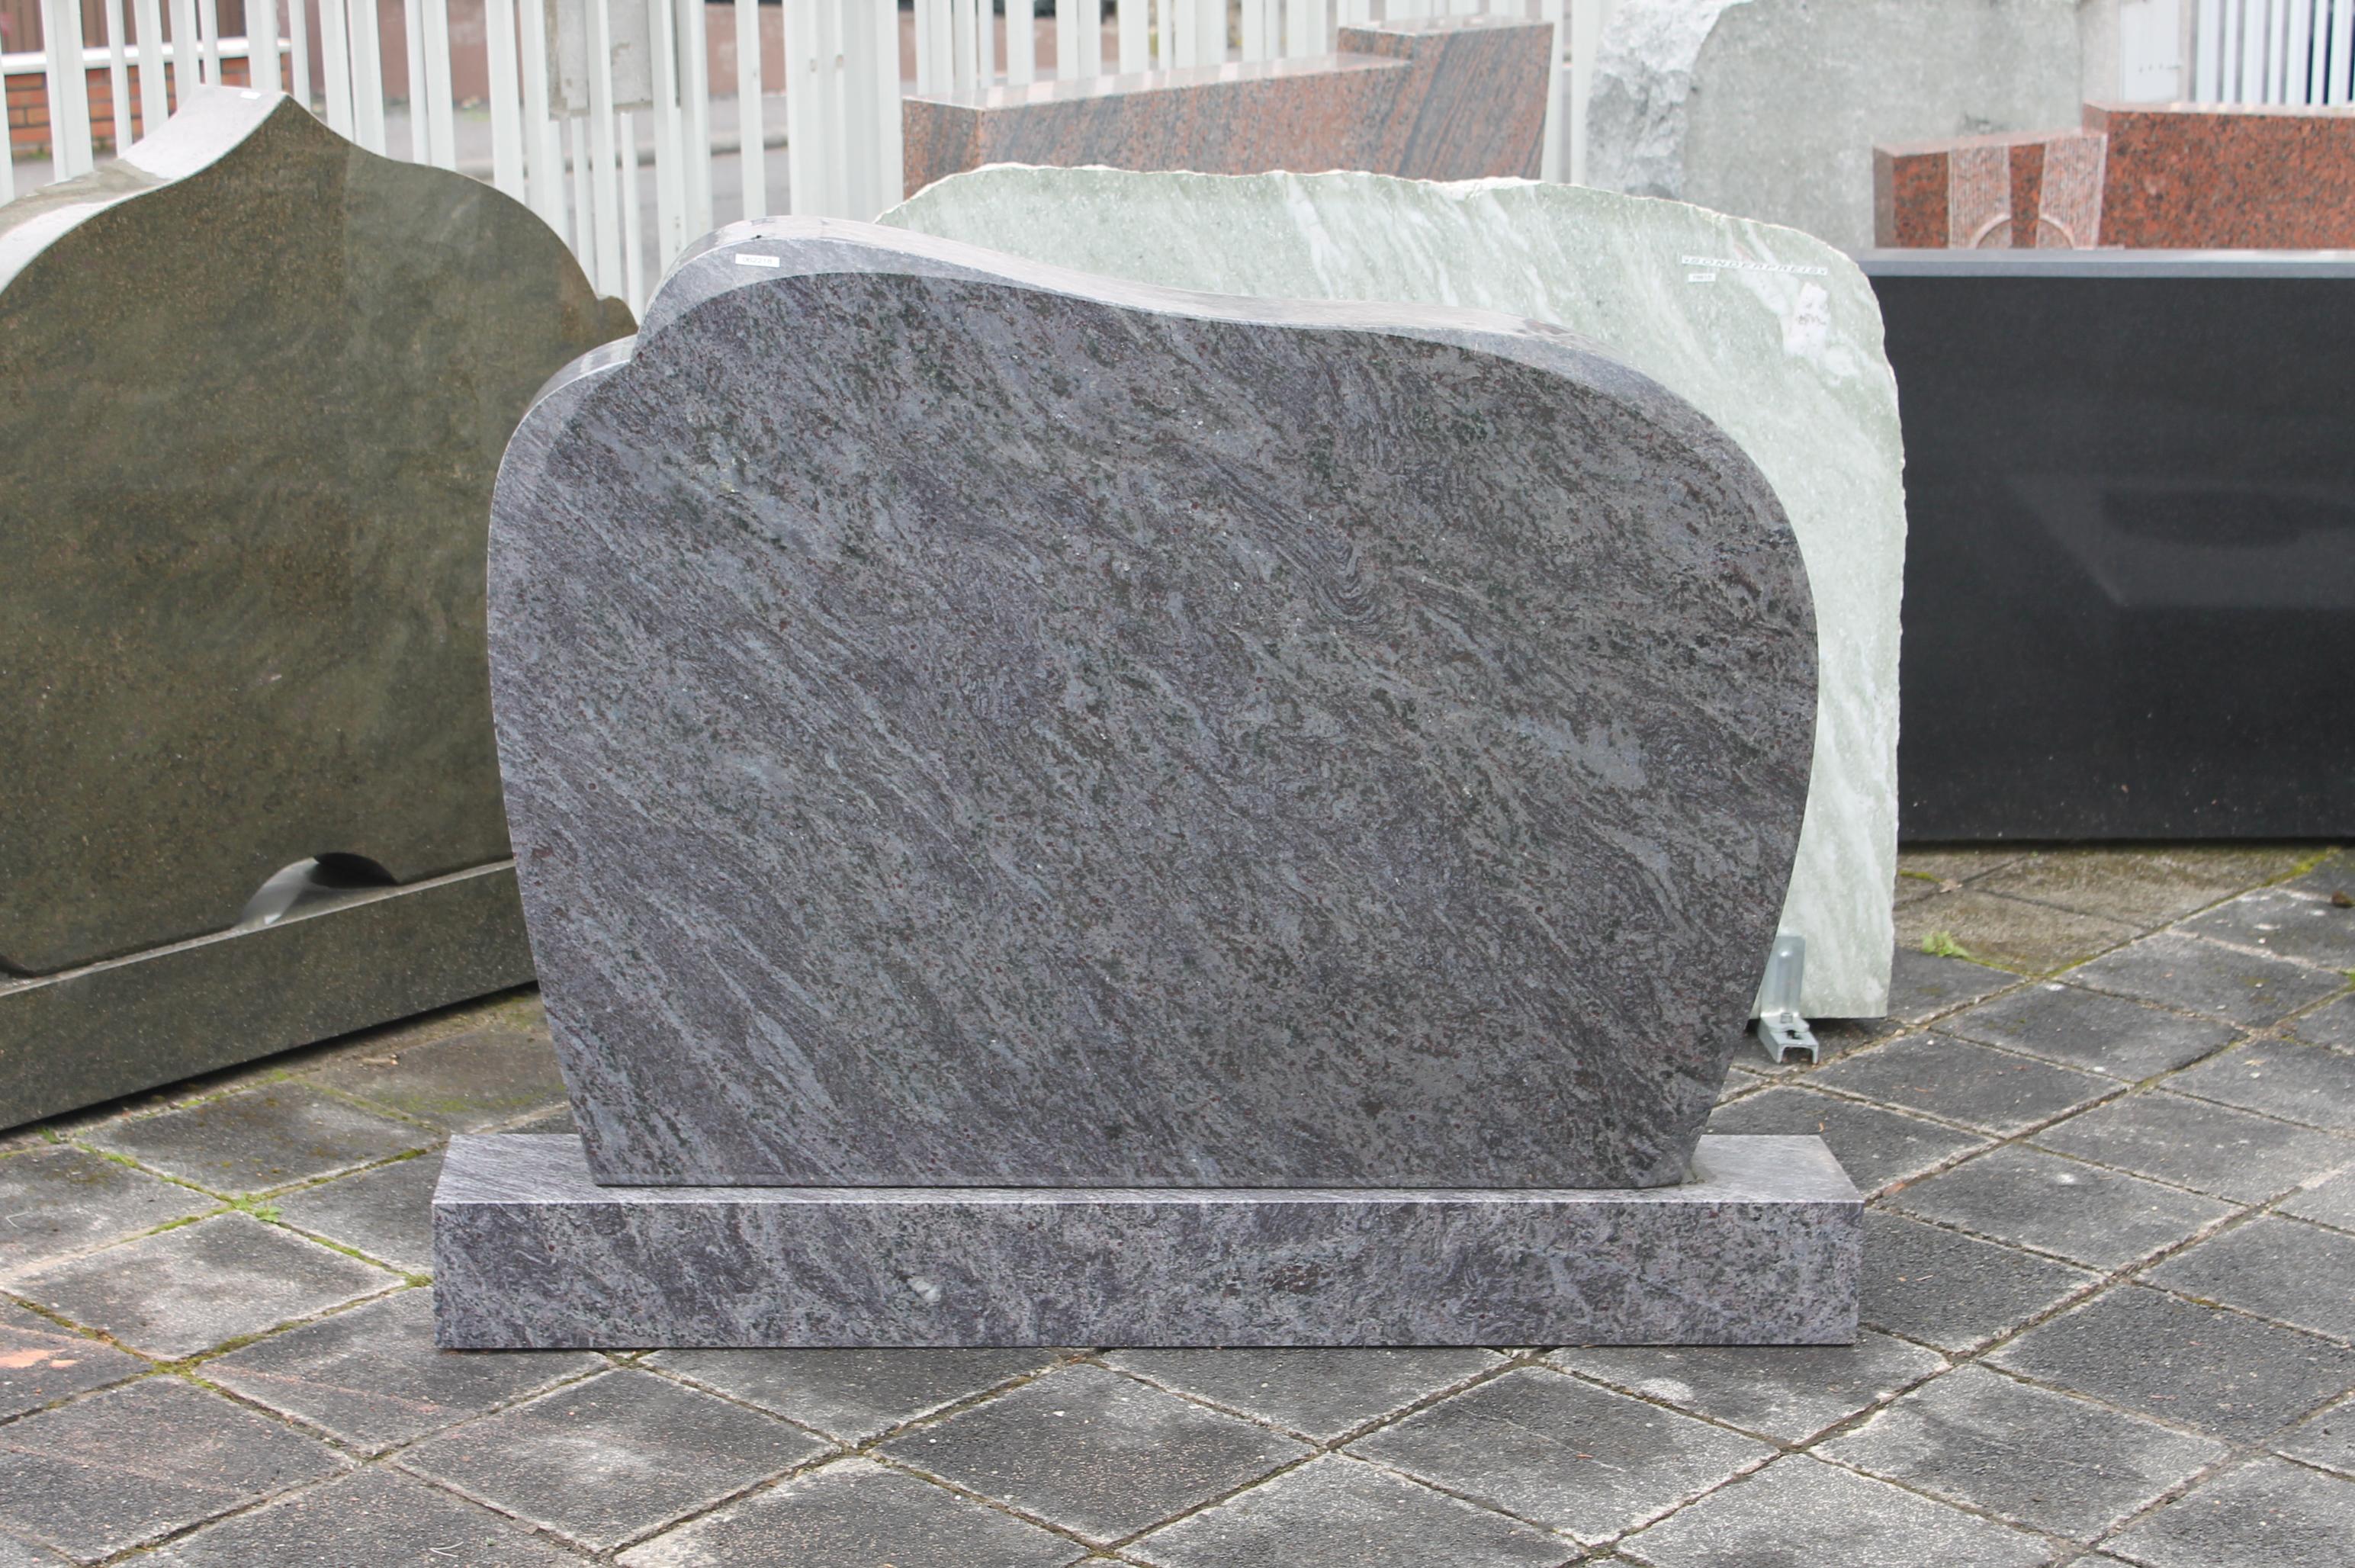 Grabanlage aus Granit Orion poliert